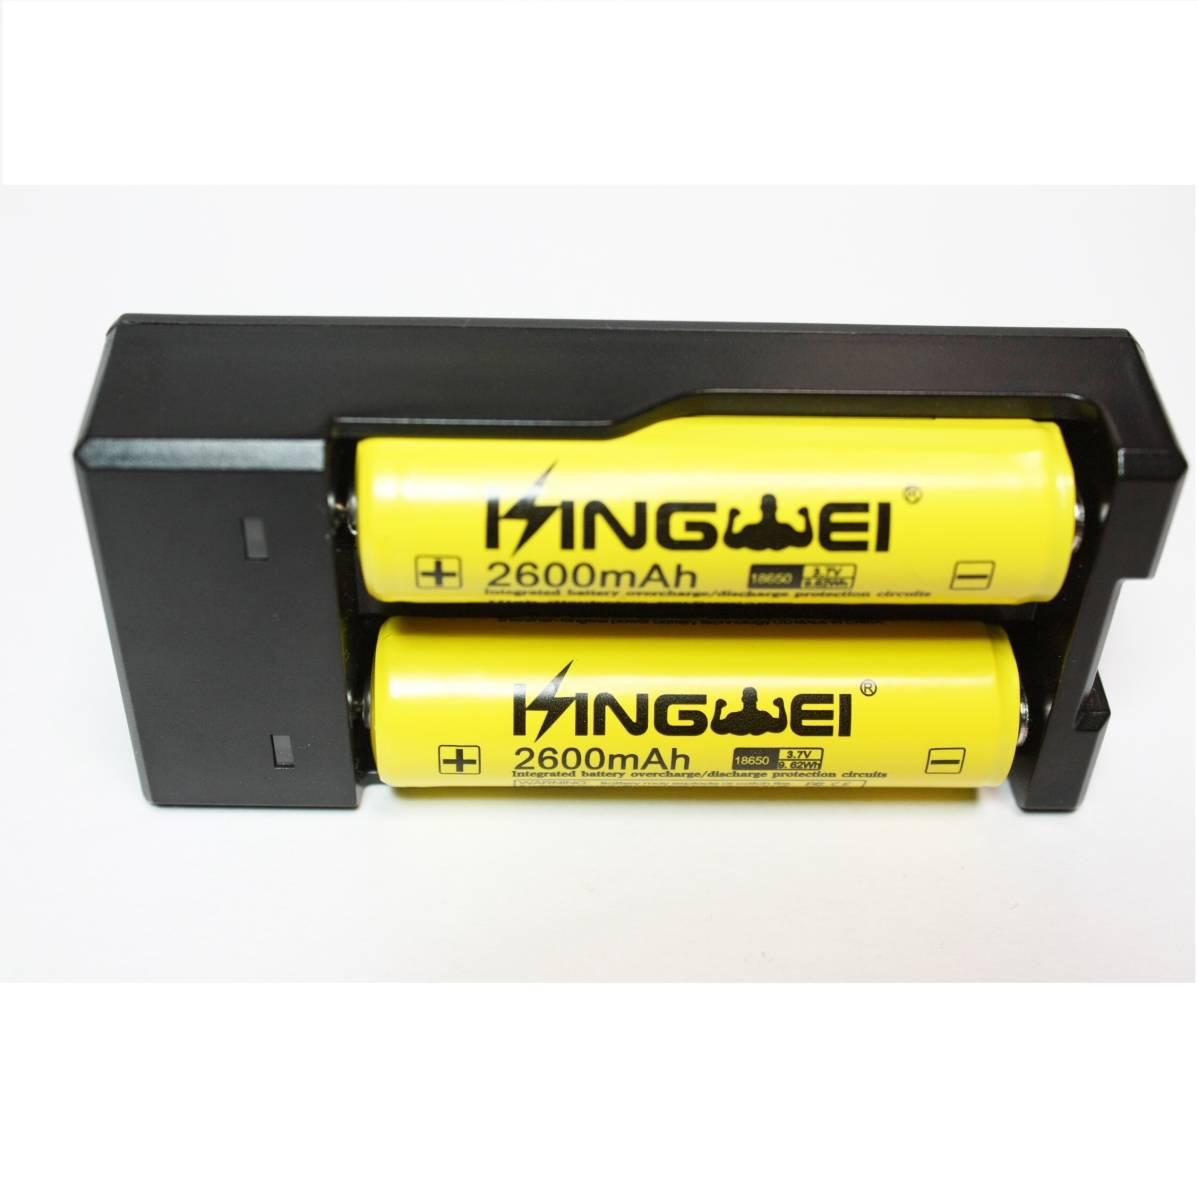 正規容量 18650 経済産業省適合品 リチウムイオン 充電池 2本 + 急速充電器 バッテリー 懐中電灯 ヘッドライト03_画像2